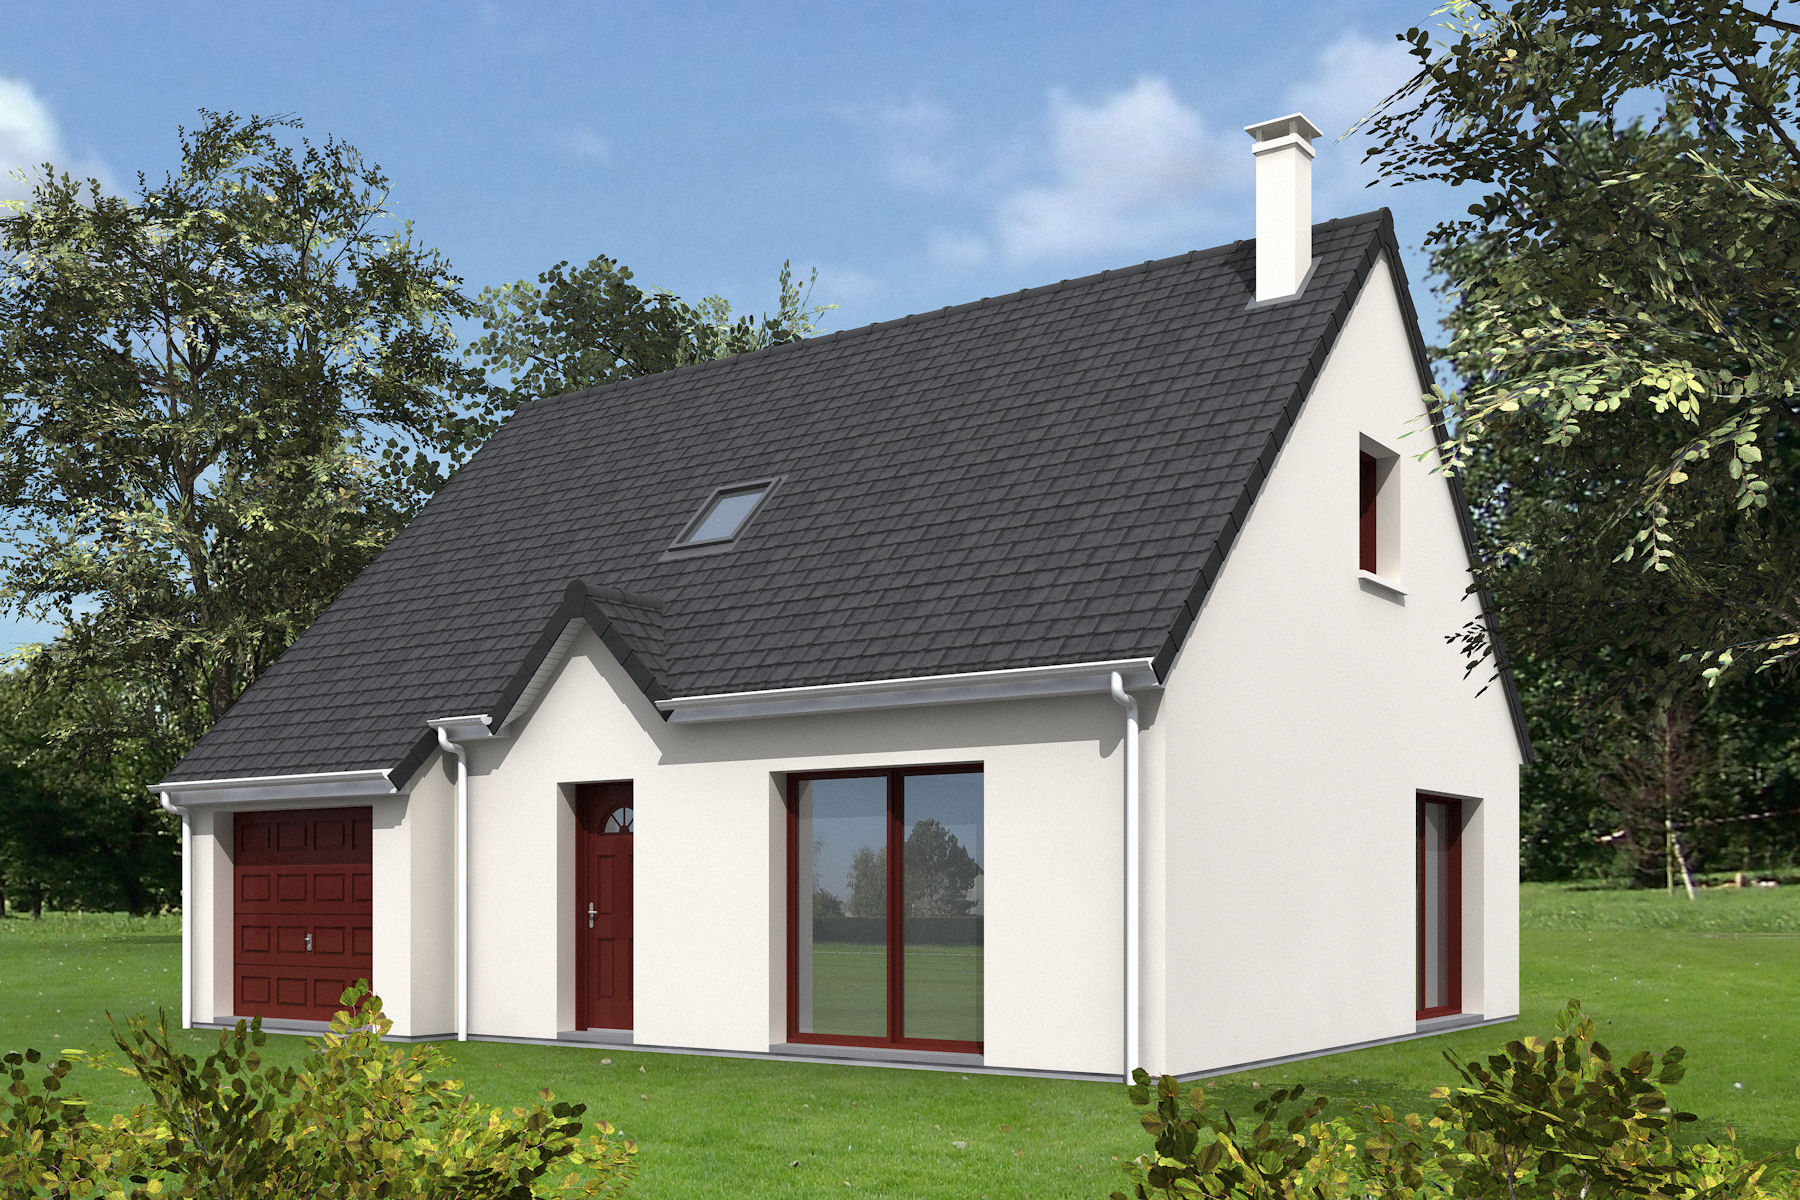 Maisons + Terrains du constructeur MAISONS MIMOSAS • 110 m² • MANTES LA JOLIE